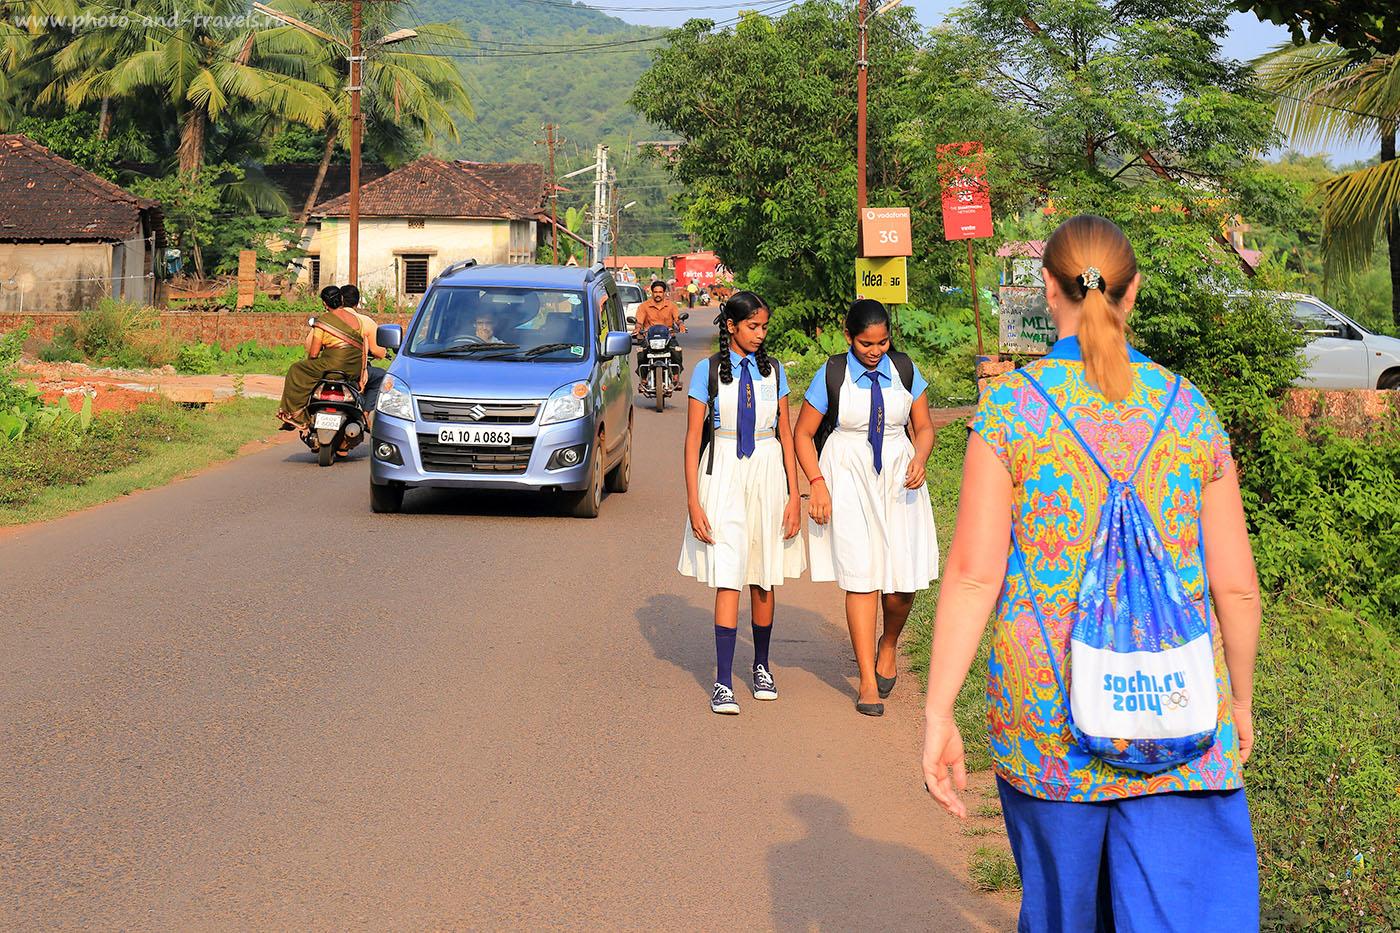 Фотография 2. Результат фотоохоты на улицах Гоа из-за спины супруги. Поездка в Индию дикарями (24-70, 1/200, 0eV, f9, 70mm, ISO 100)